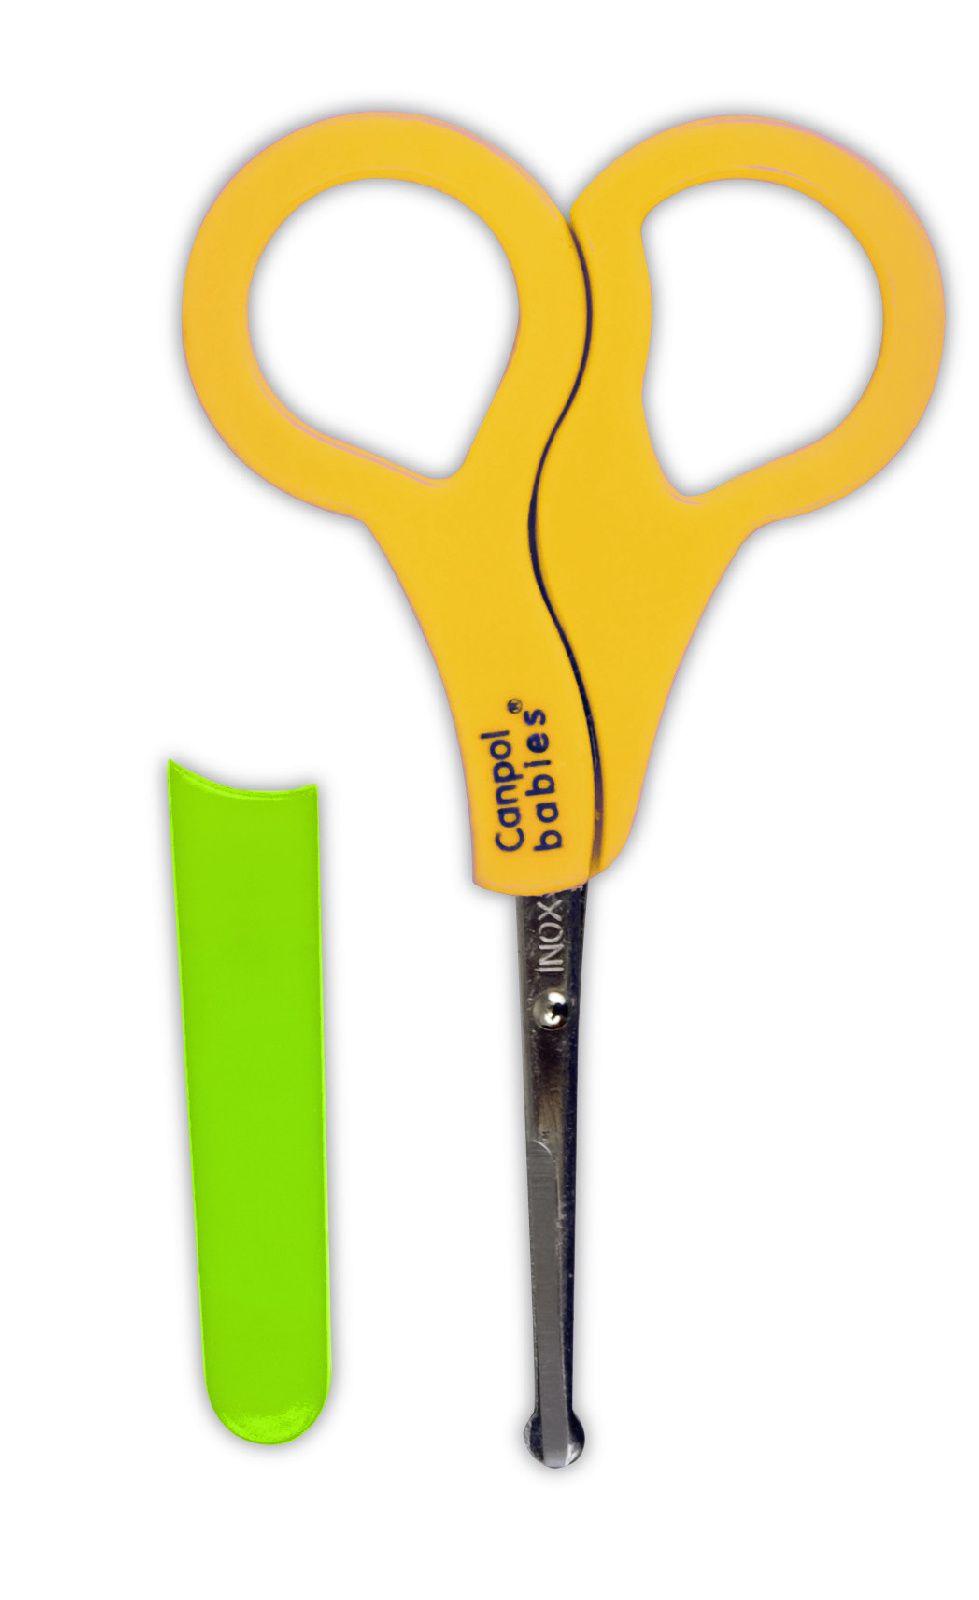 Ножницы безопасные в чехле Canpol желтые